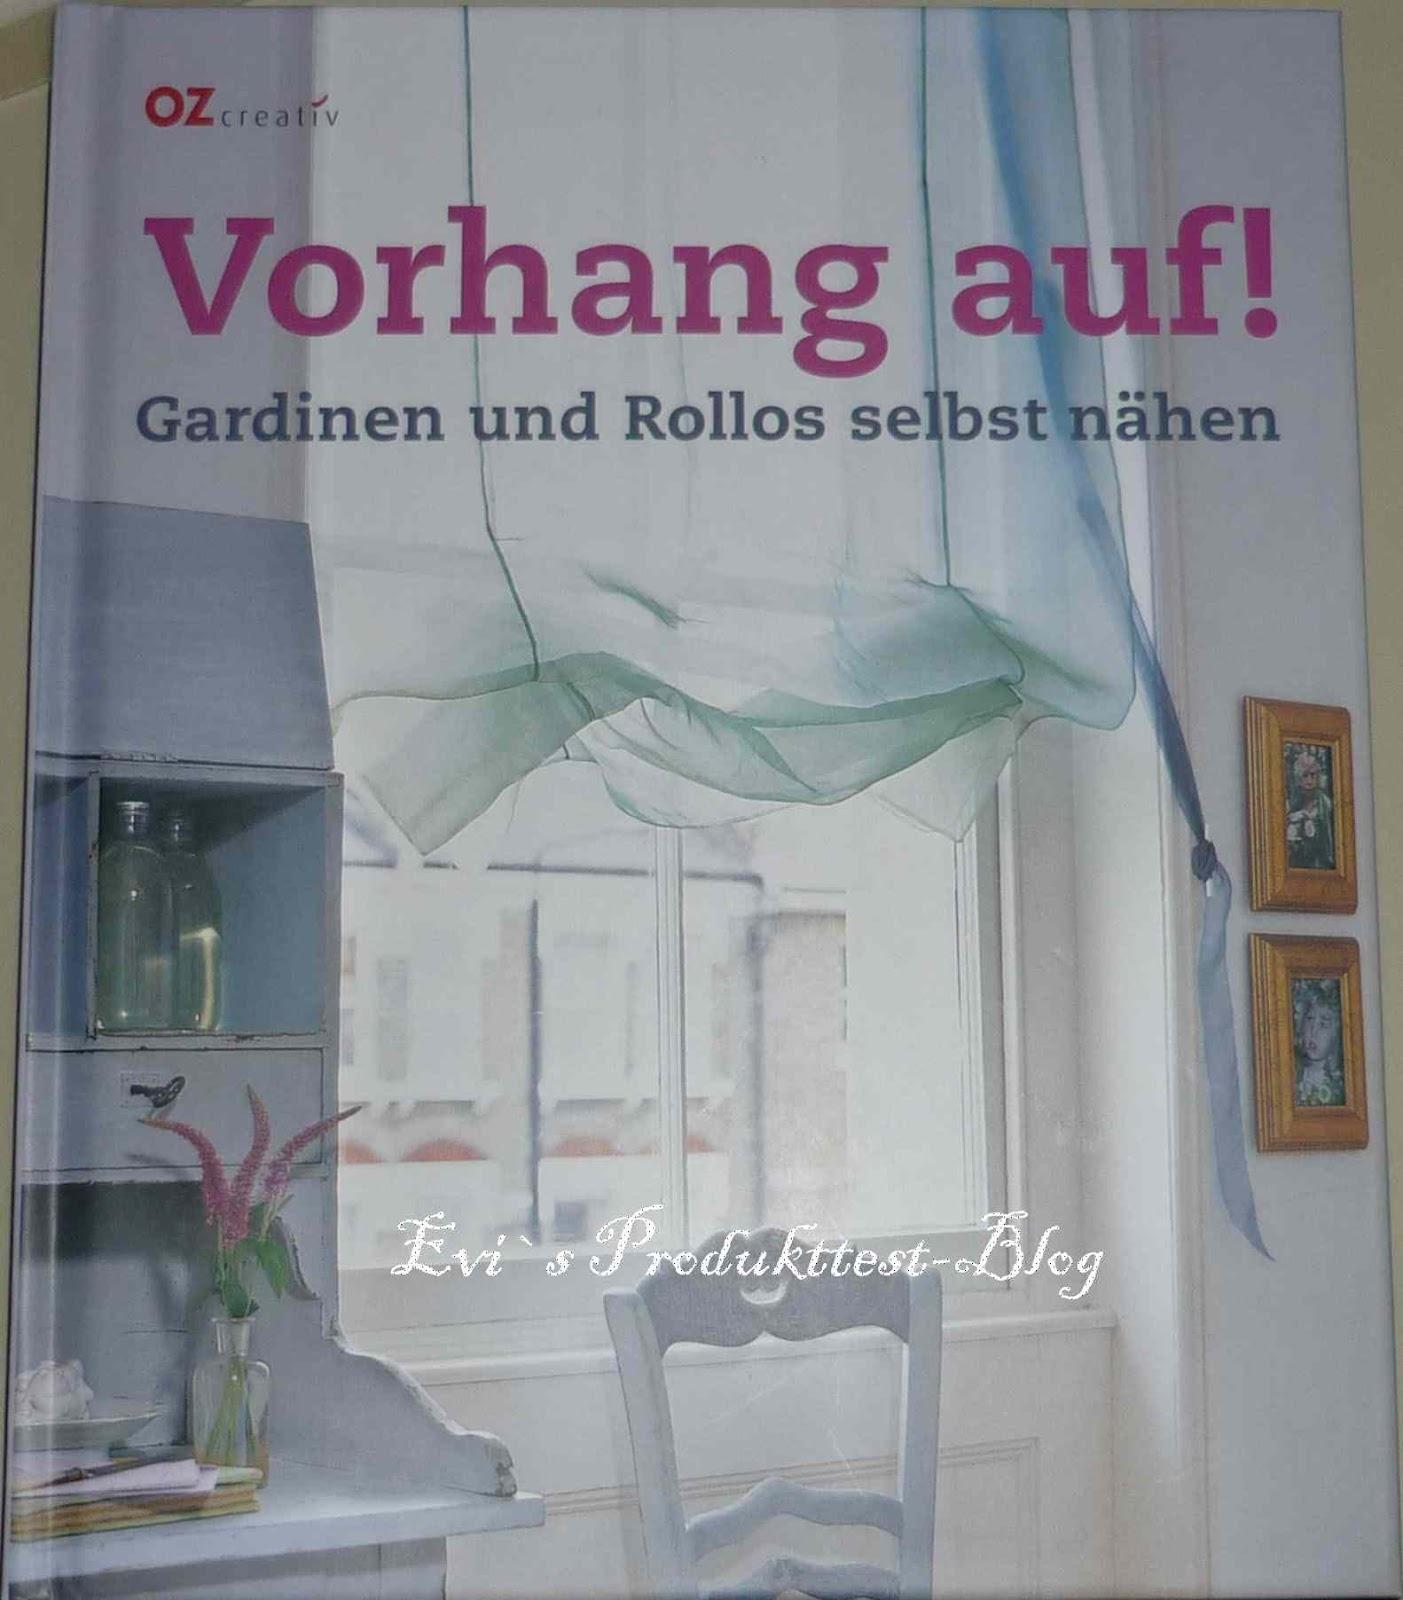 Full Size of Evi S Produkttestblog Buch Vorhang Auf Gardinen Und Rollos Wohnzimmer Küche Für Schlafzimmer Fenster Scheibengardinen Die Wohnzimmer Gardinen Nähen